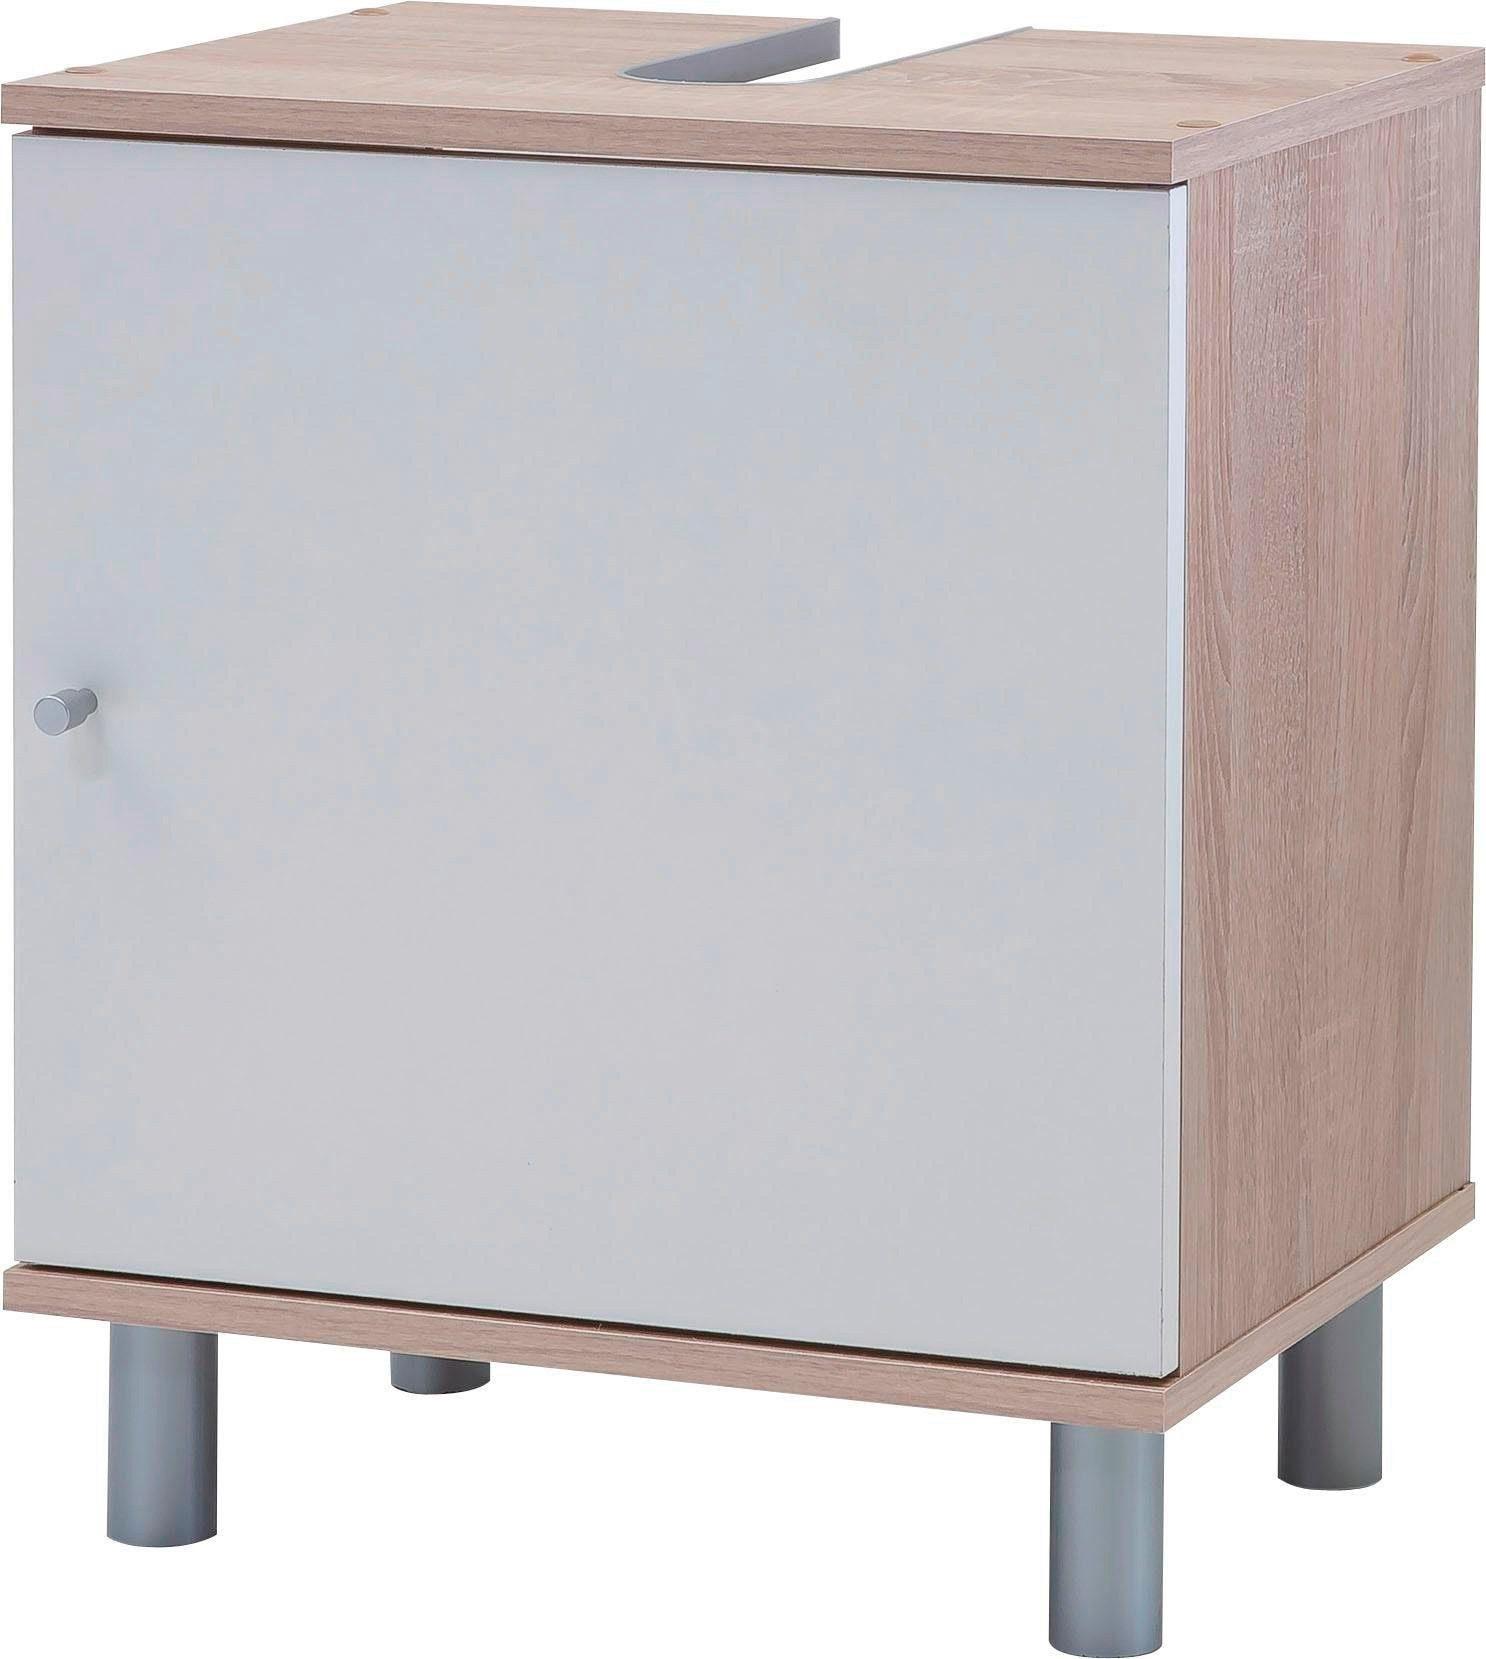 Wilmes Waschbeckenunterschrank Carli Masse B T H 45 32 55 Cm